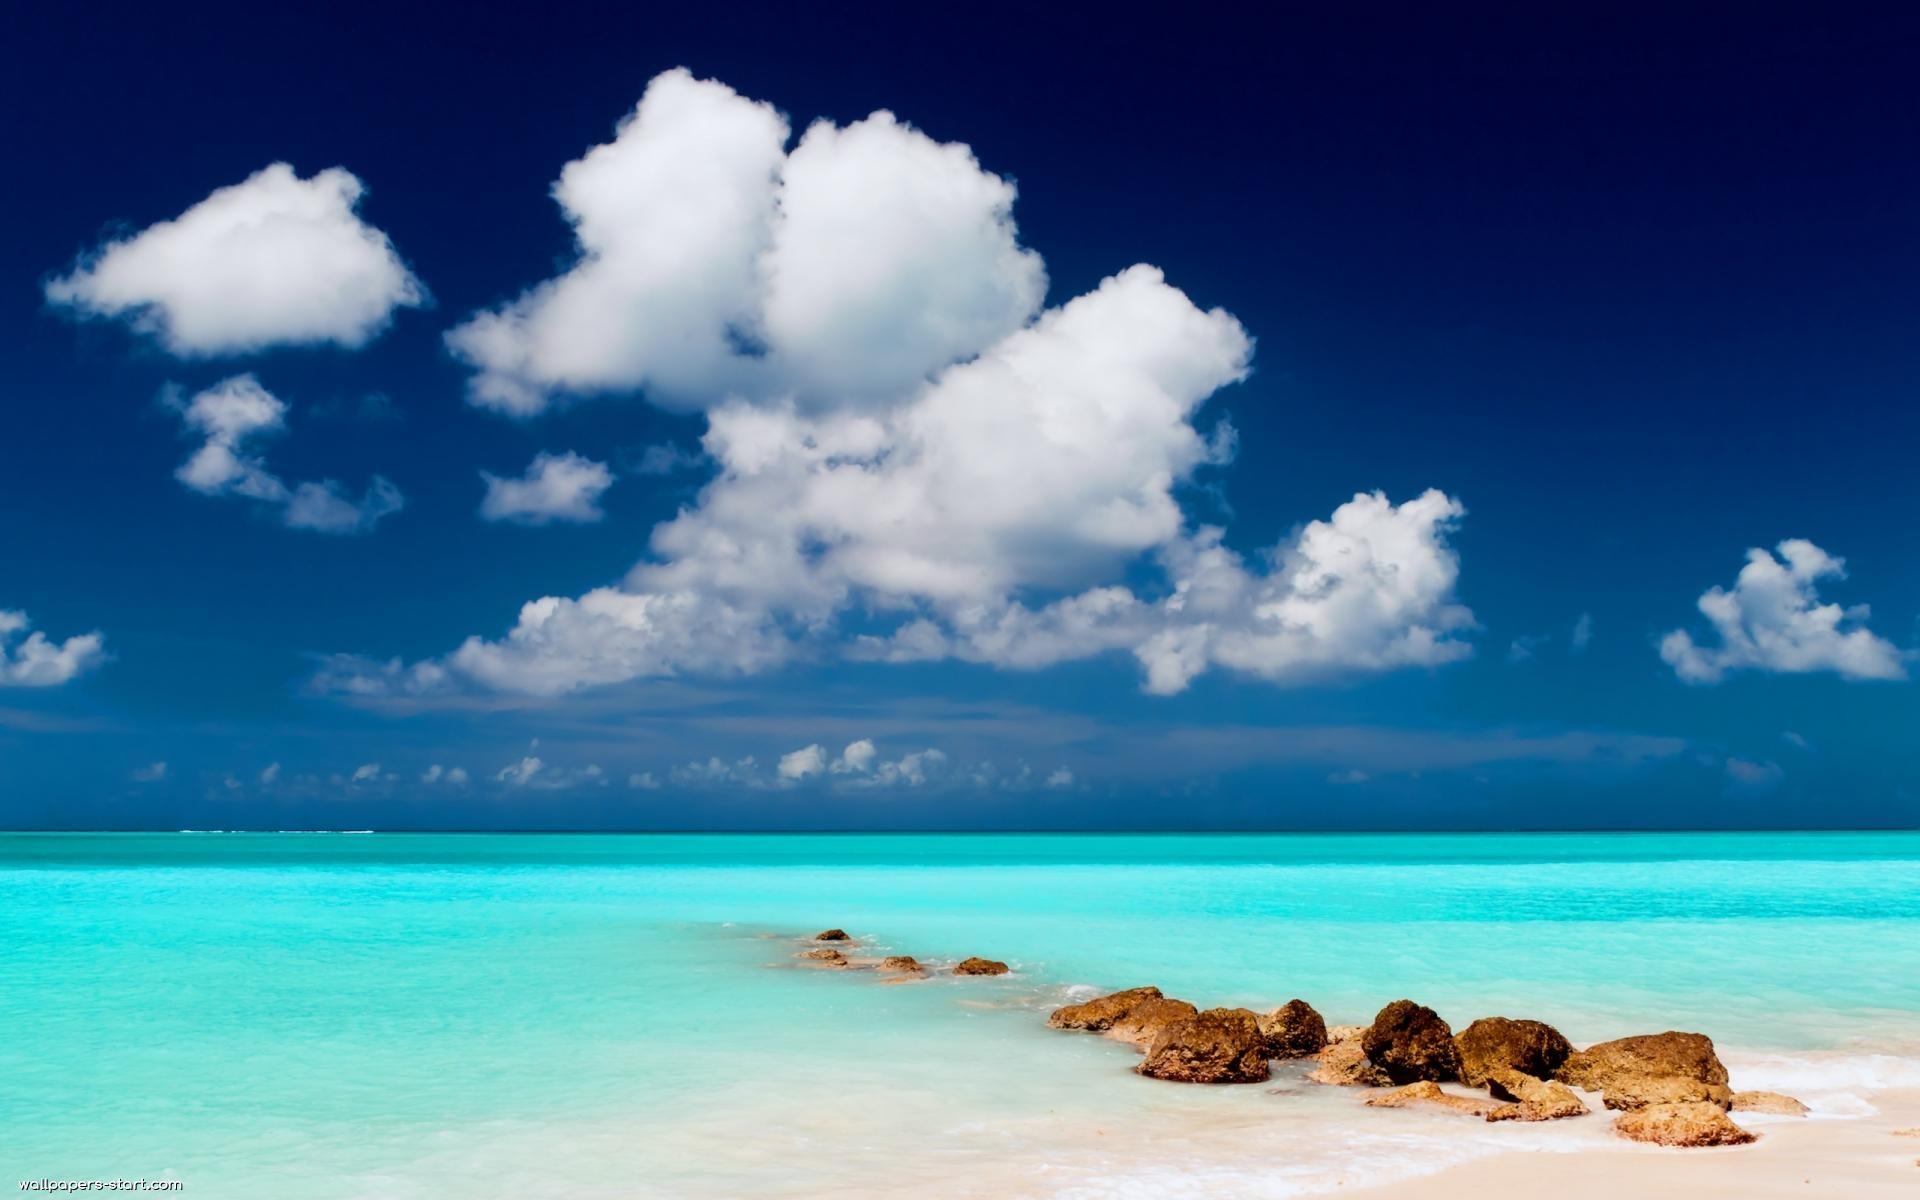 моря красивые картинки пейзажи